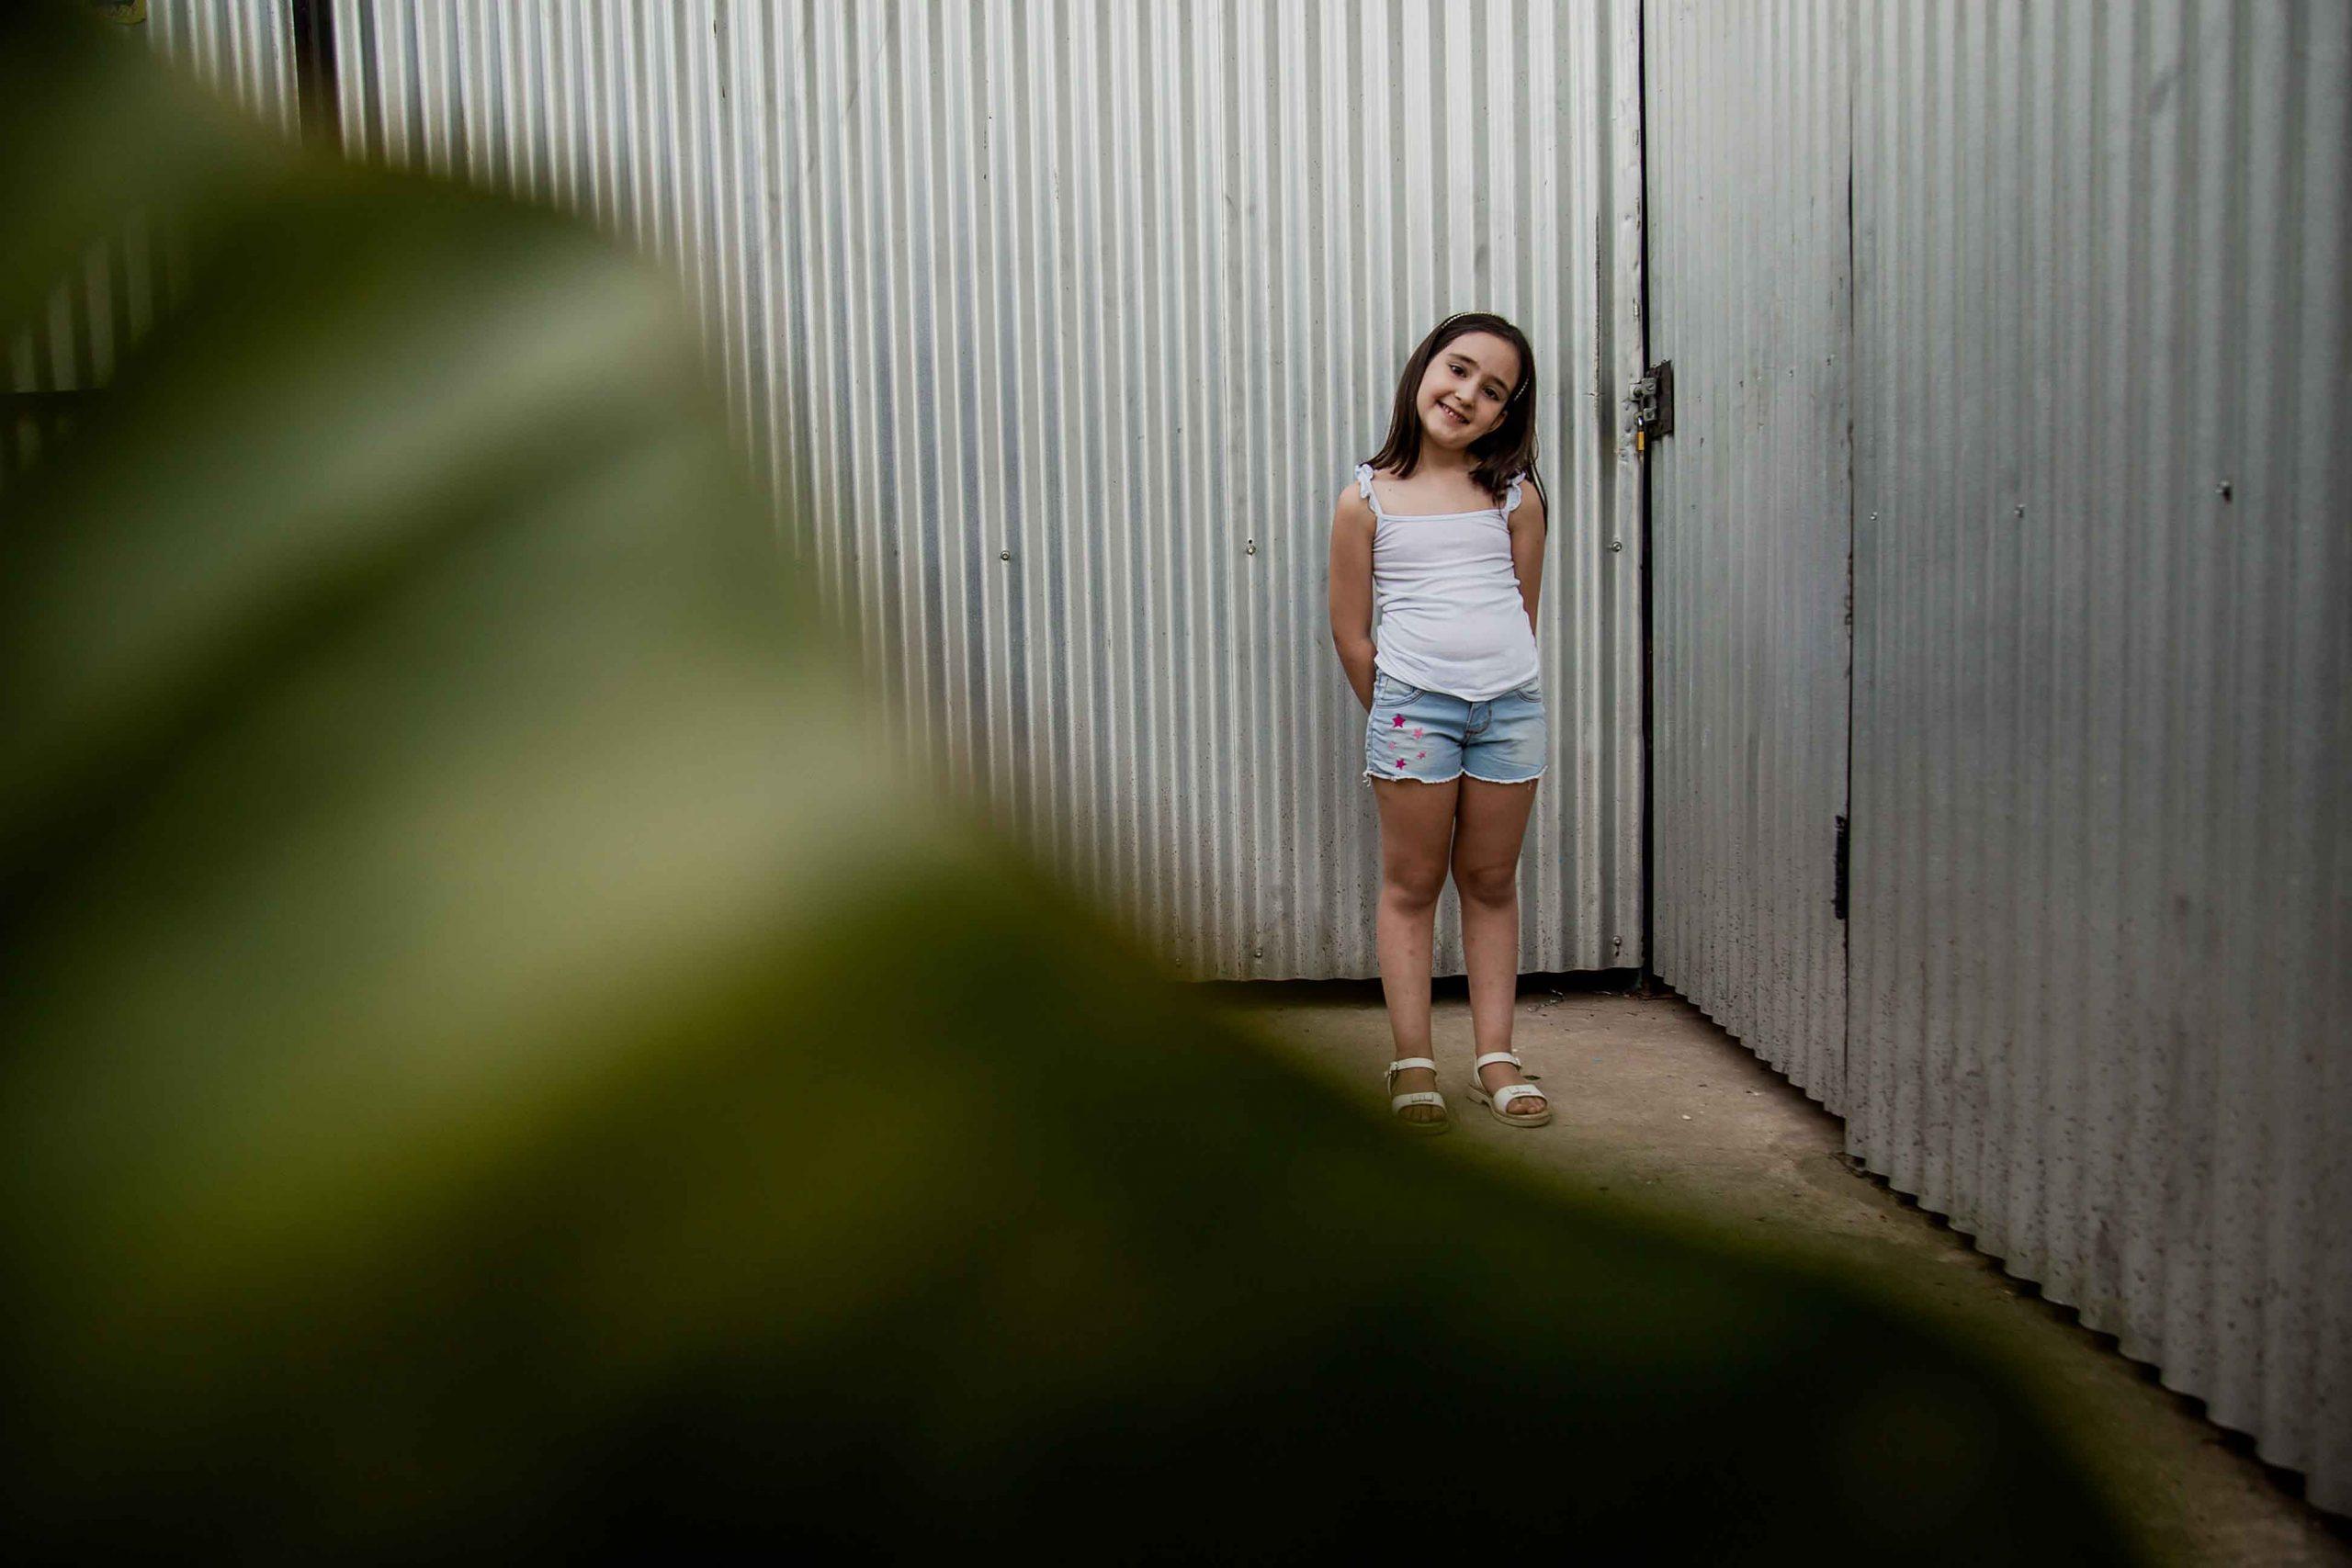 Fotos de la sesión pre natal de Gio en Rosario realizadas por Bucle Fotografias Flor Bosio y Caro Clerici